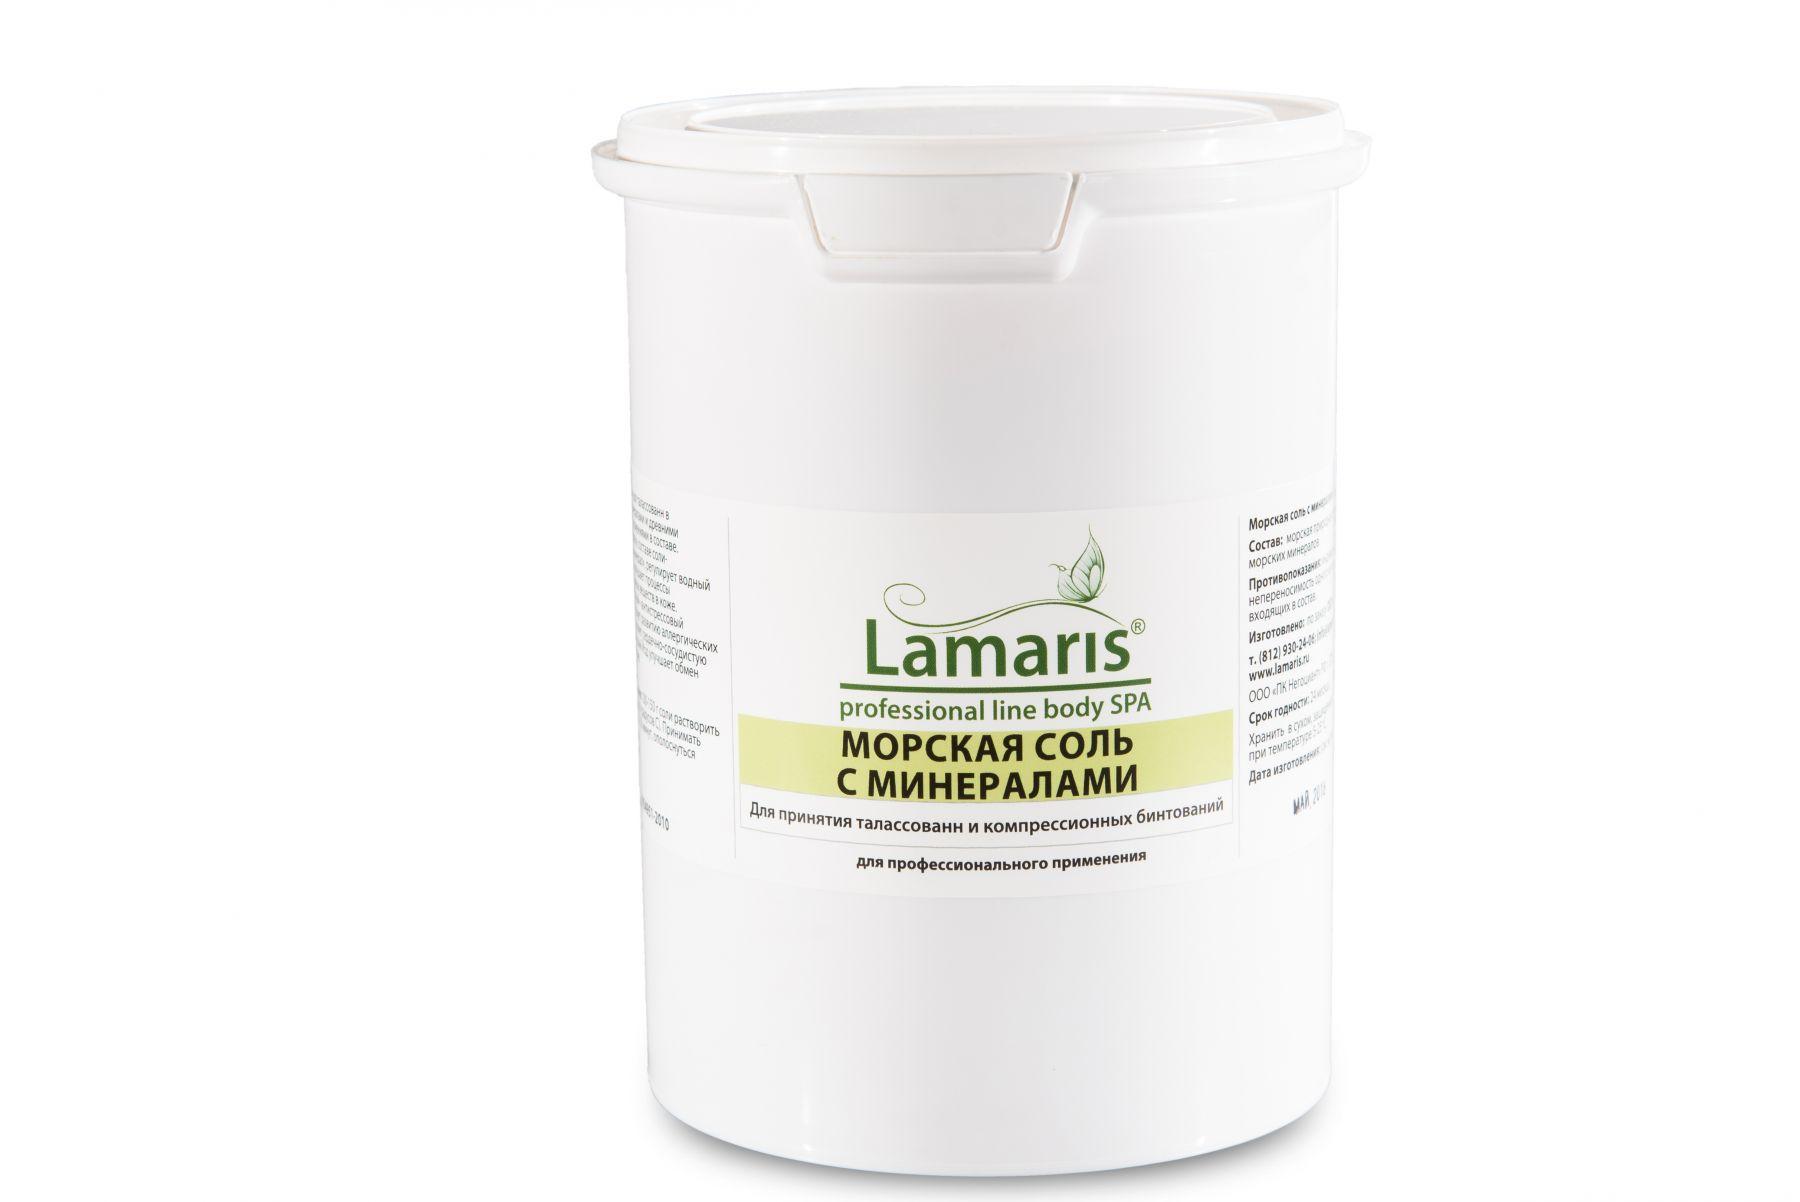 Морская соль с минералами Lamaris - 1 кг